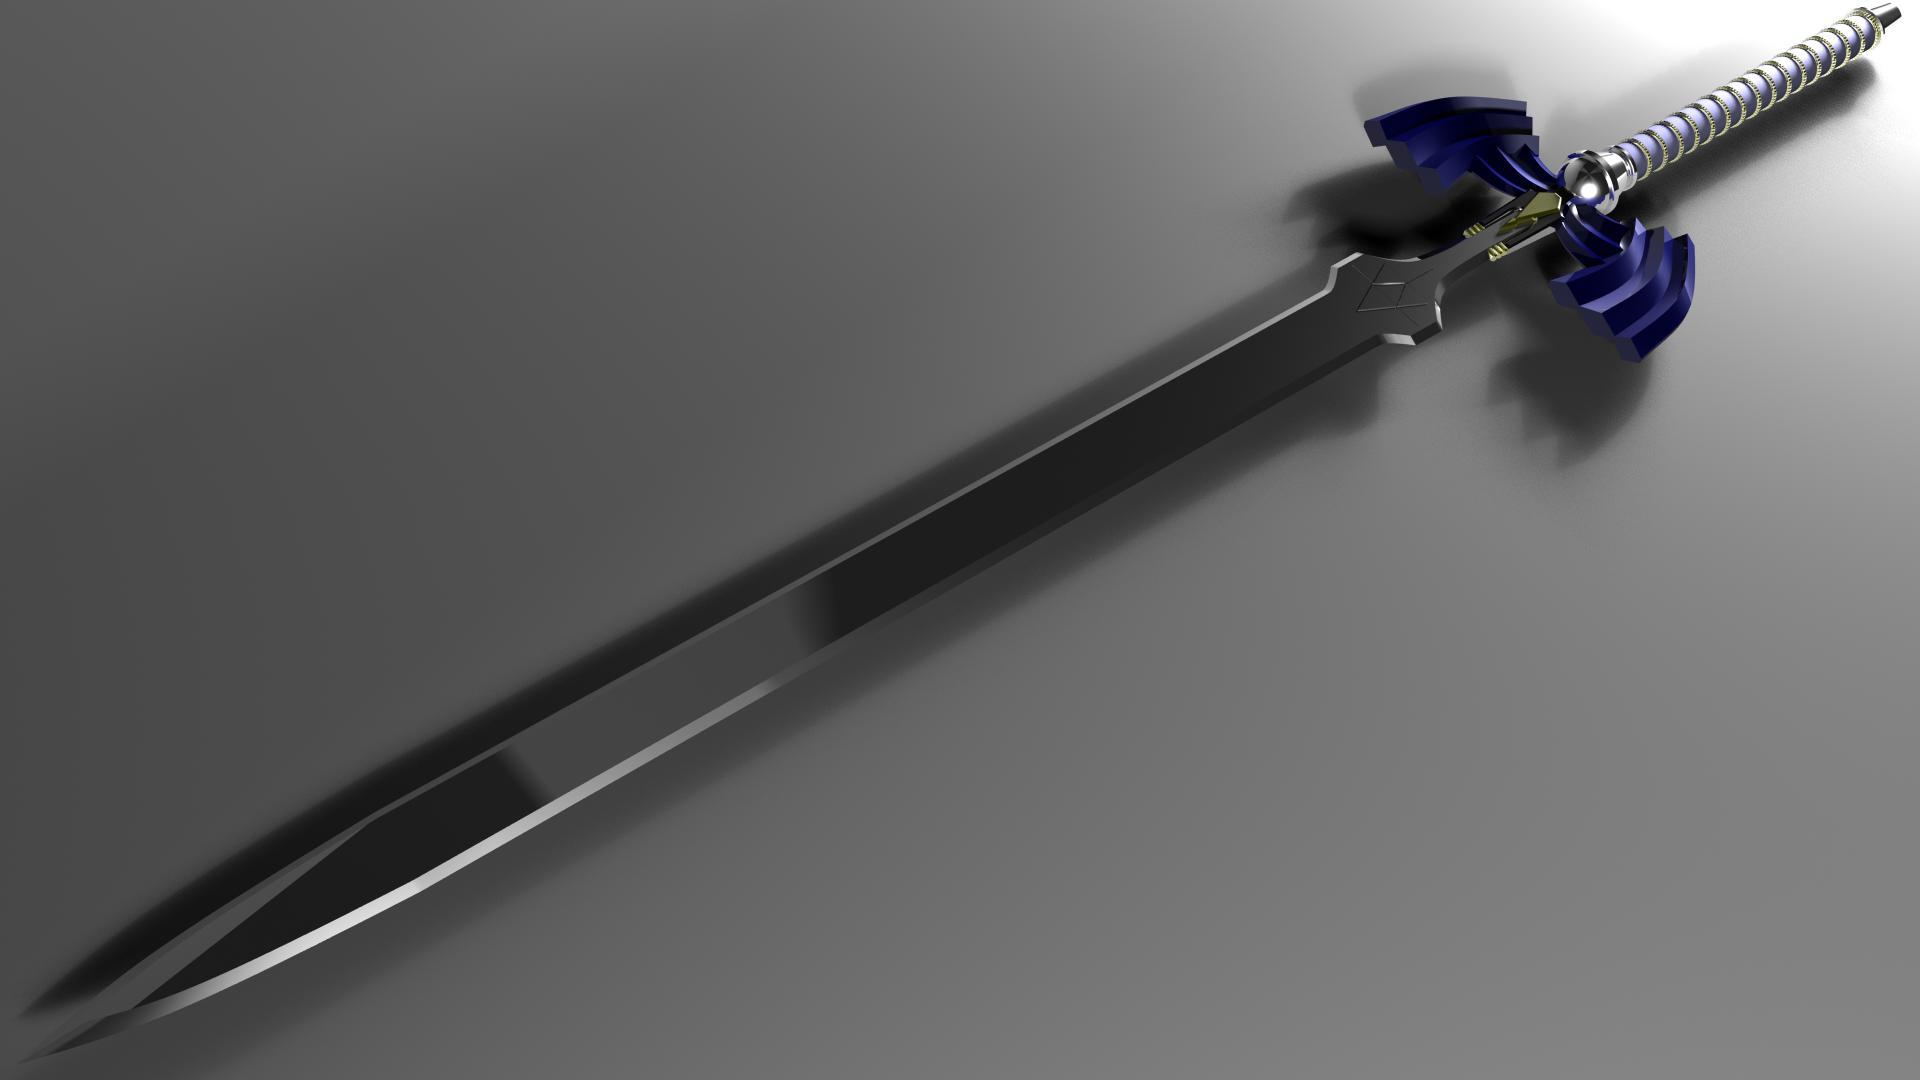 pics of sword